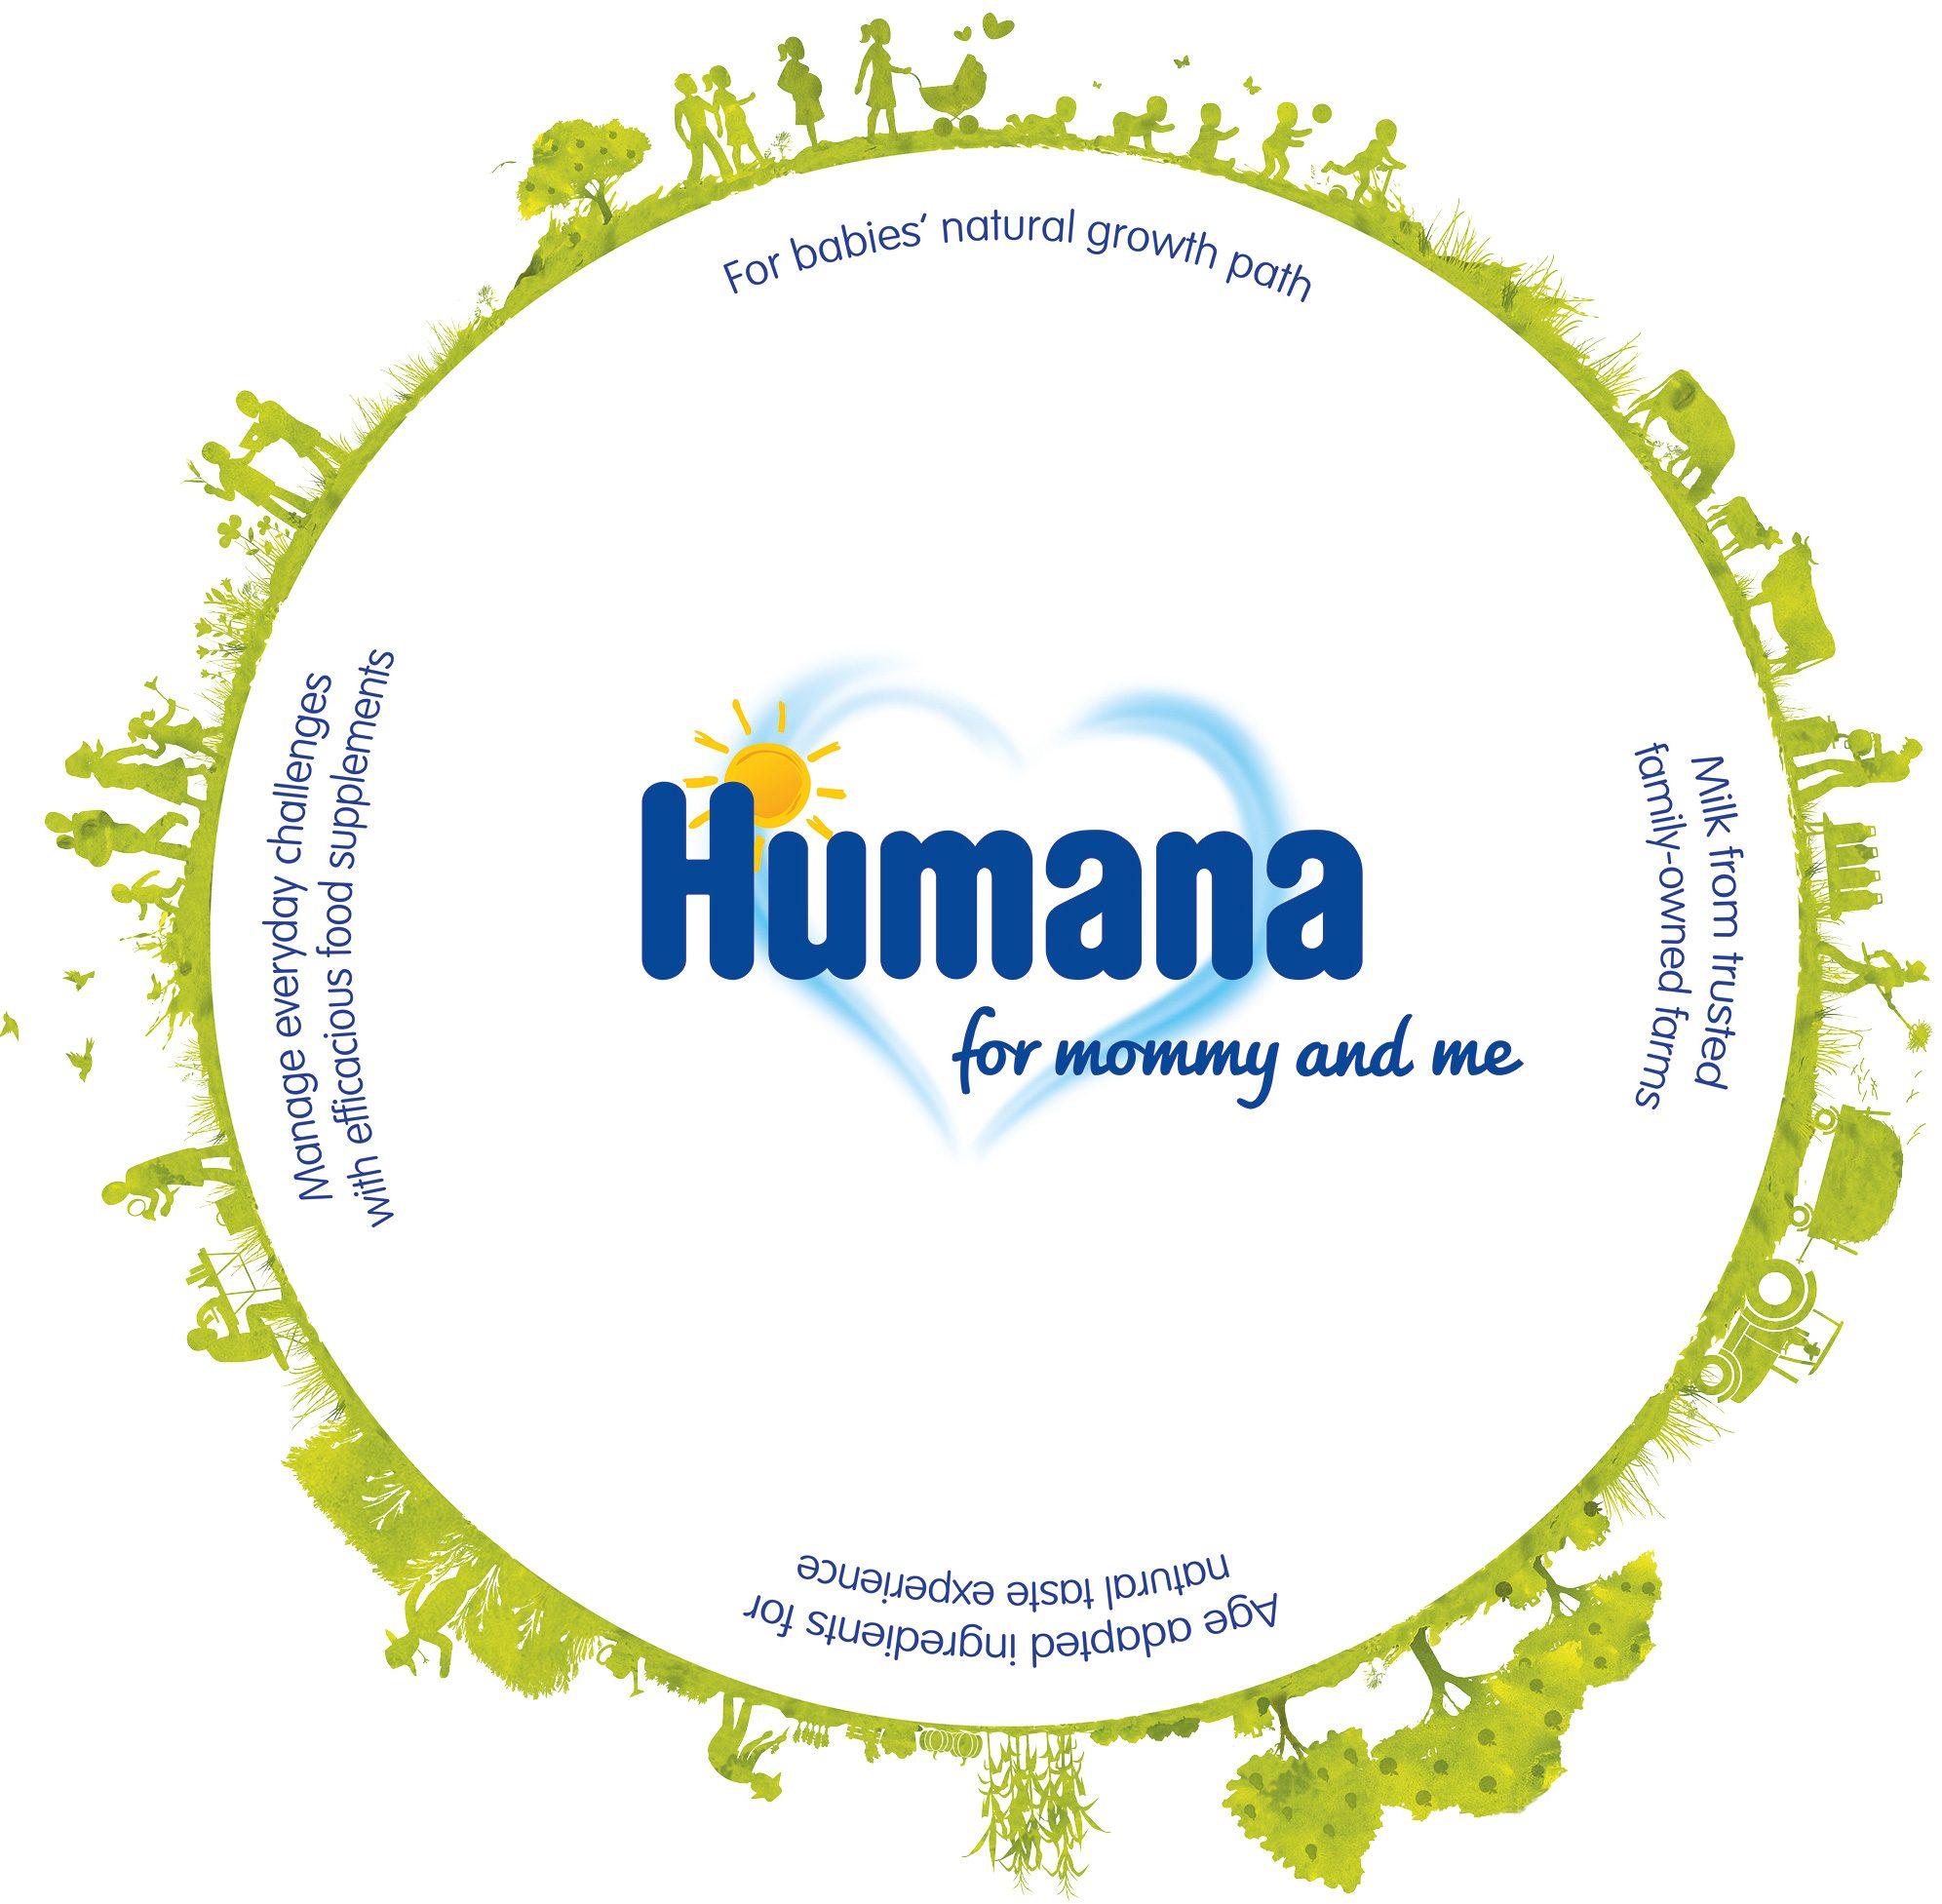 KloseDetering Werbeagentur strategische Markenfuehrung Humana